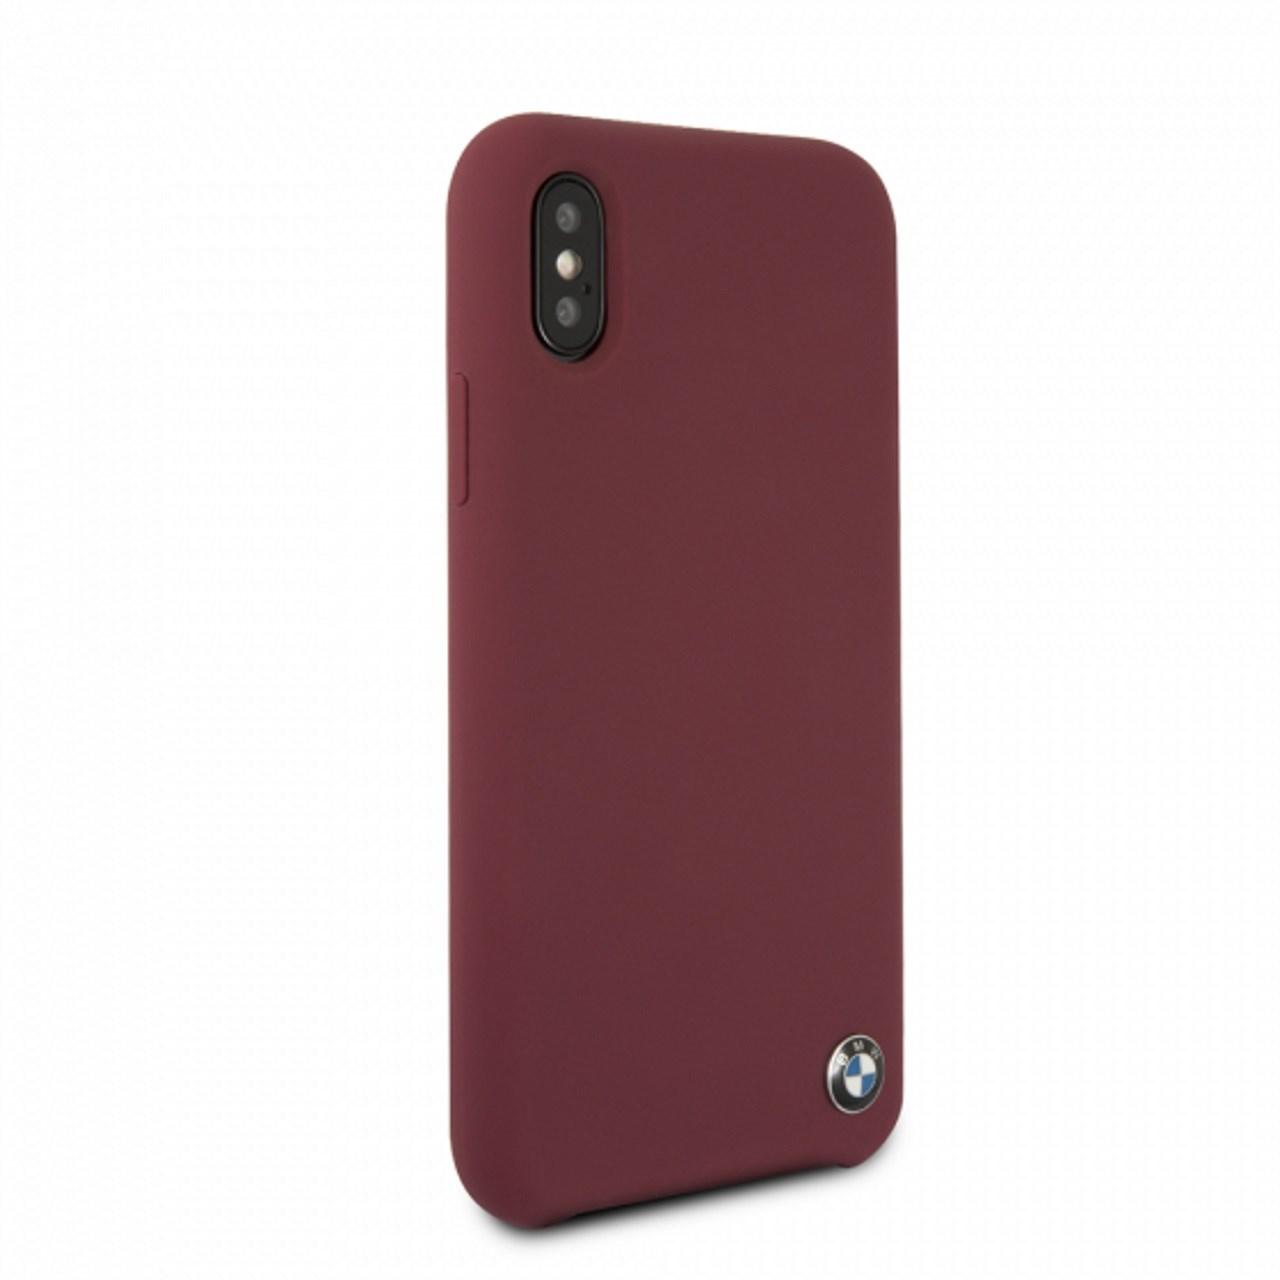 کاور سیلیکونی سی جی موبایل مدل بی ام و مناسب برای گوشی موبایل آیفون X